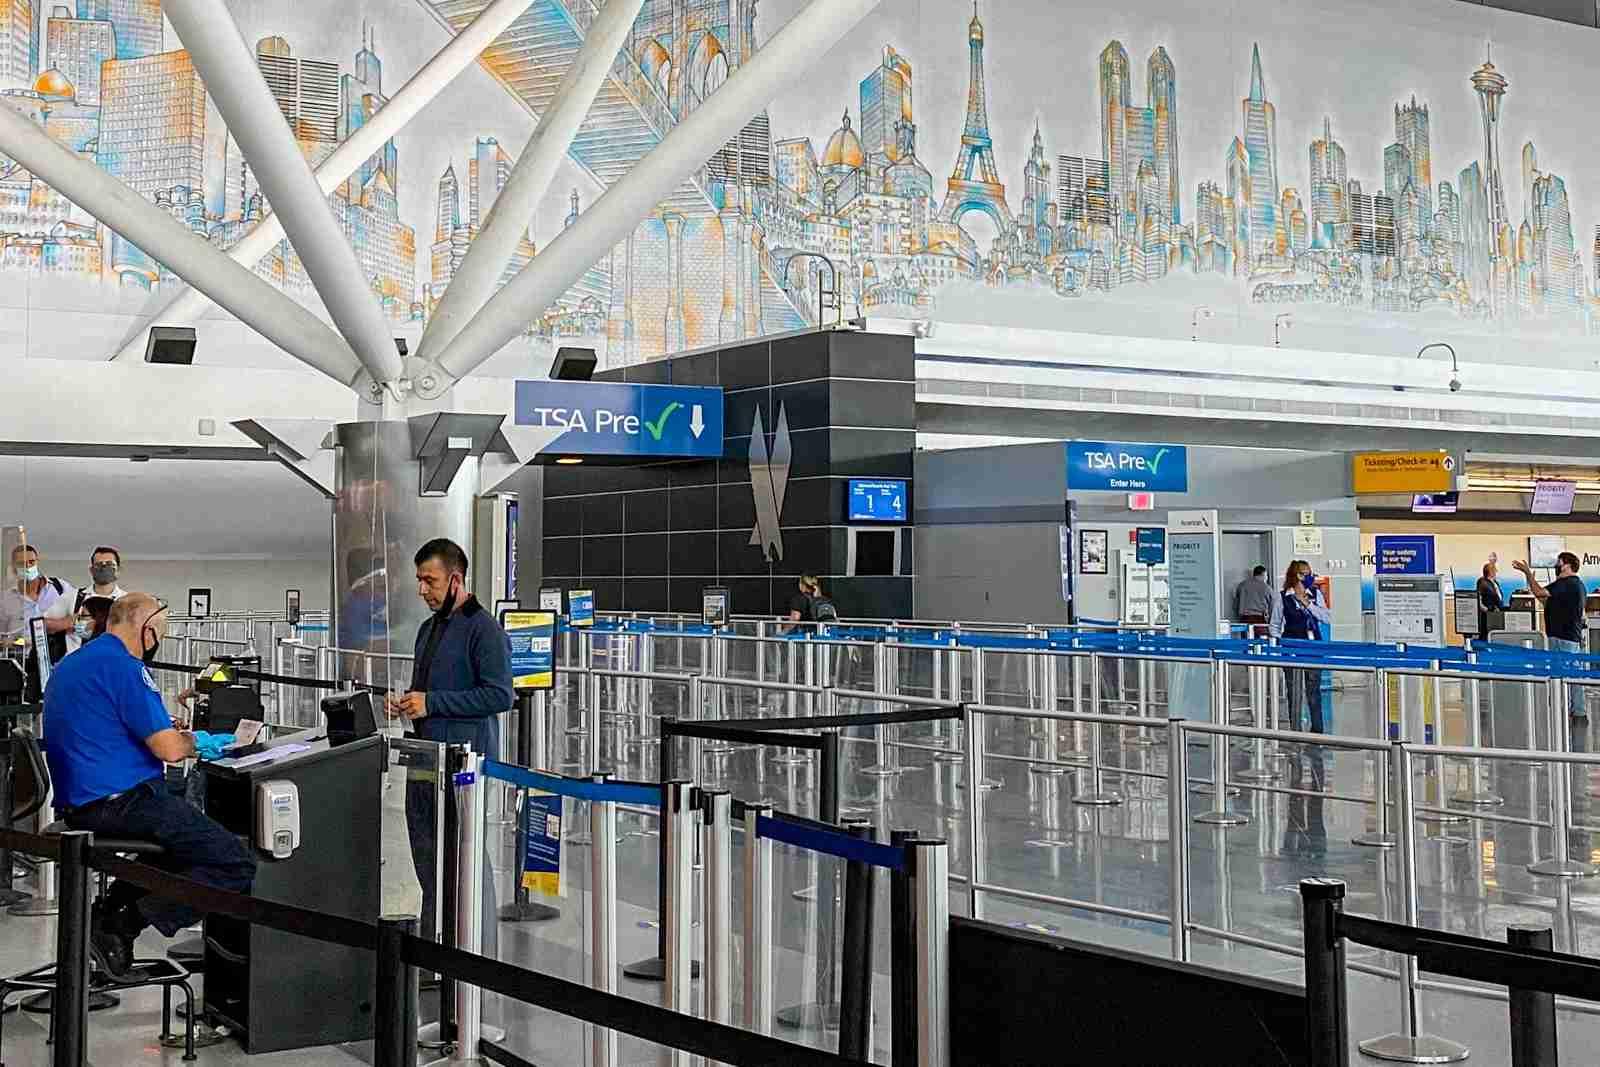 JFK Terminal 8 security